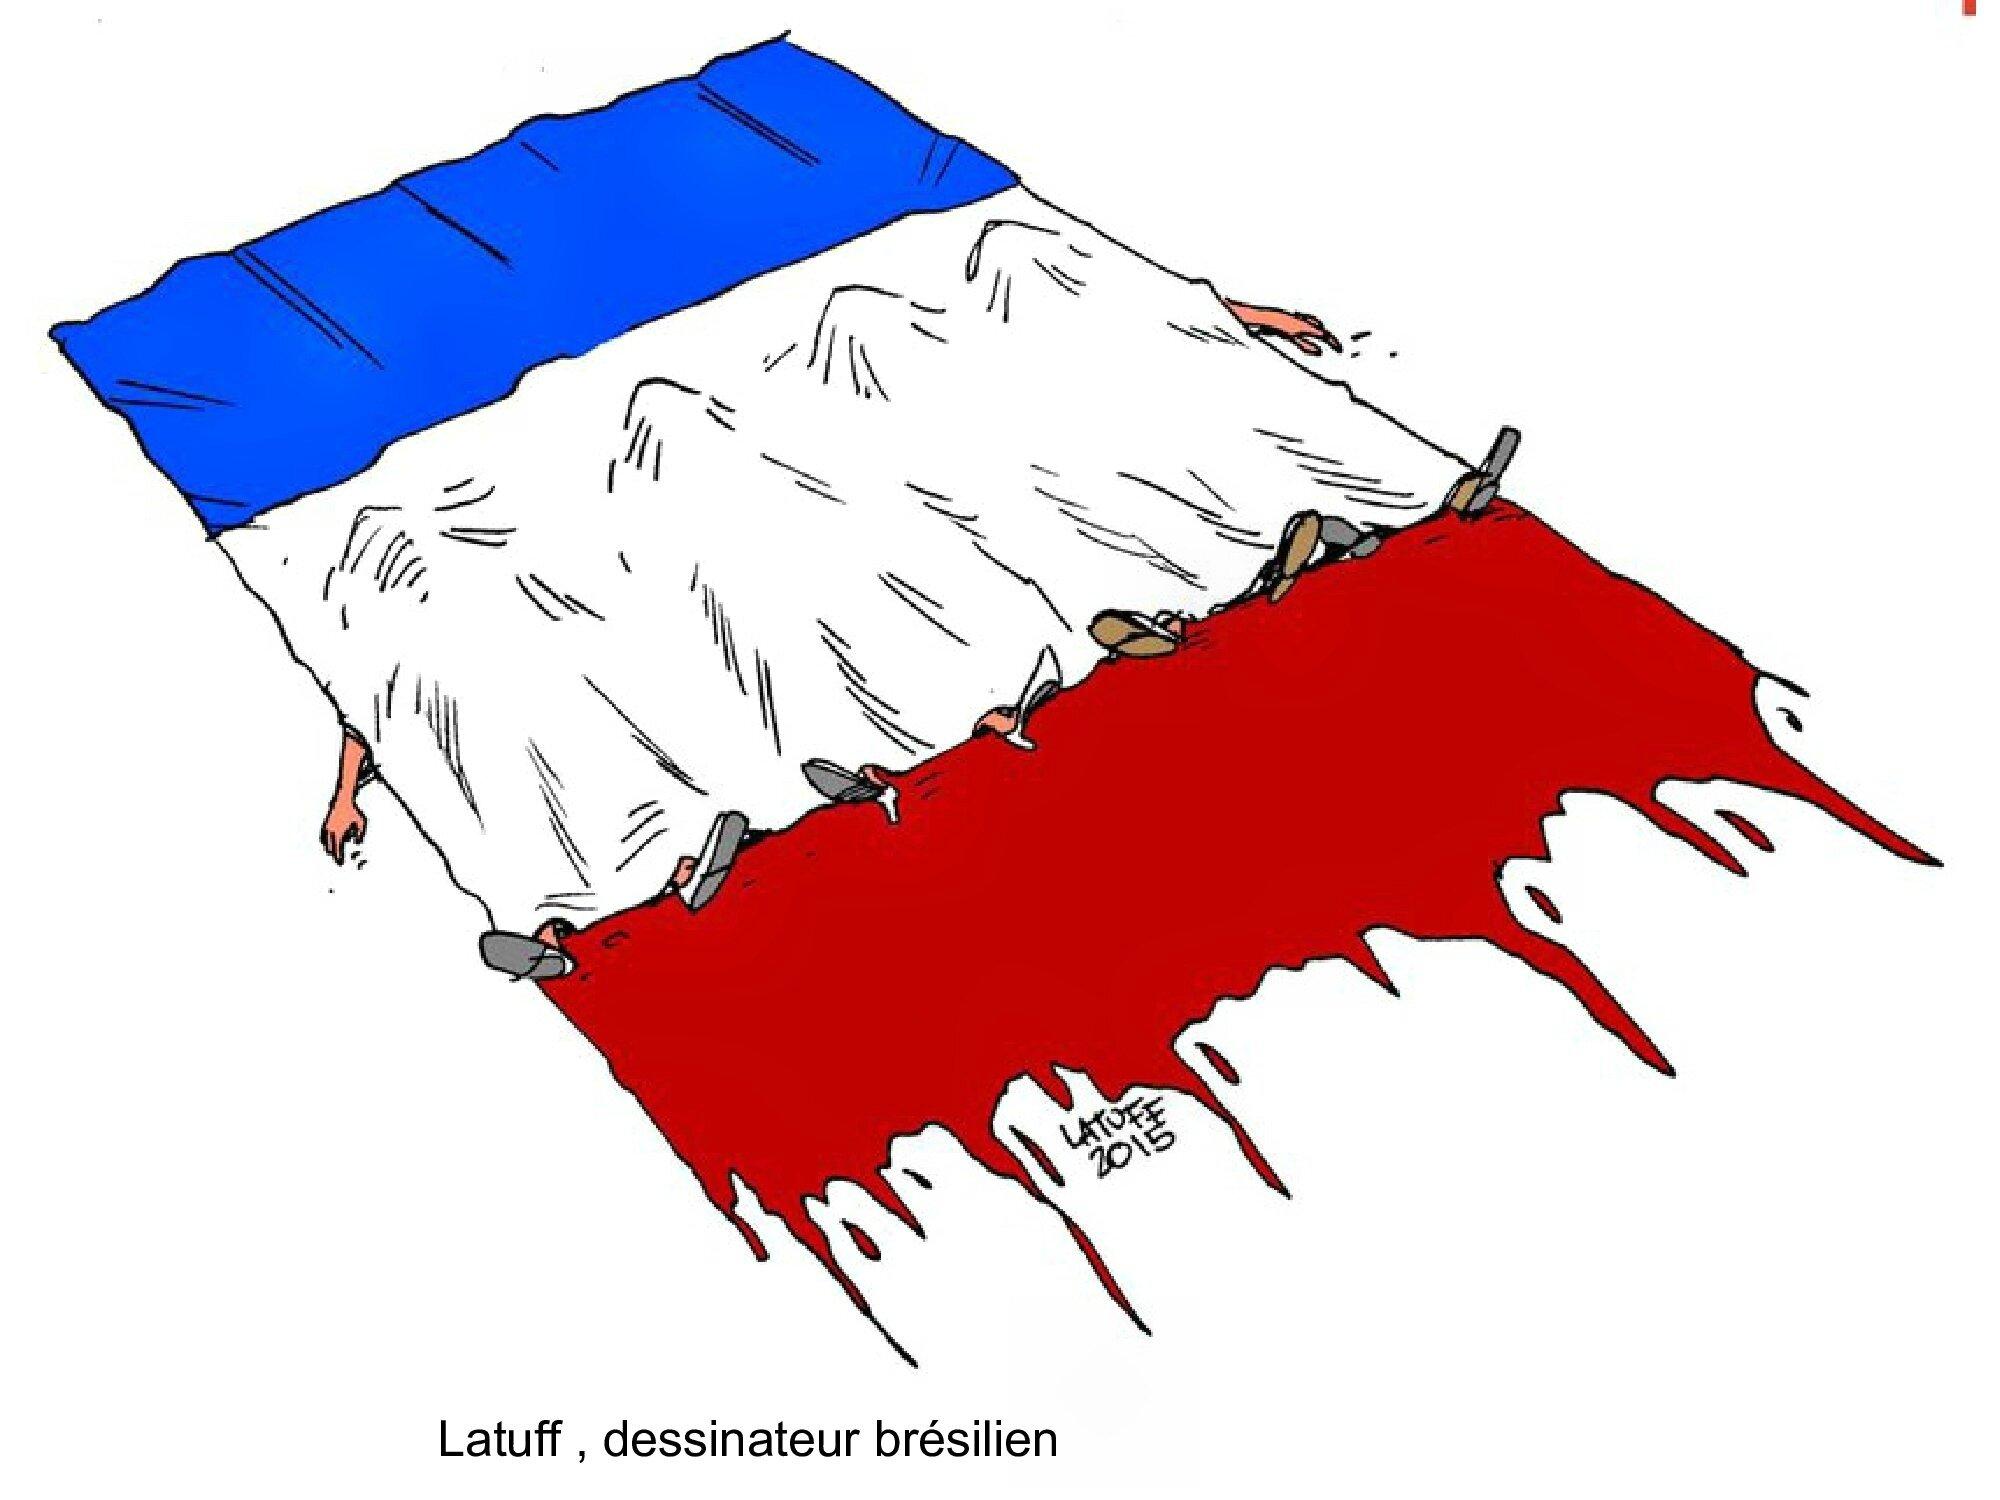 HOMMAGE des dessinateurs aux victimes des attentats de Paris 13 novembre 2015 (27)